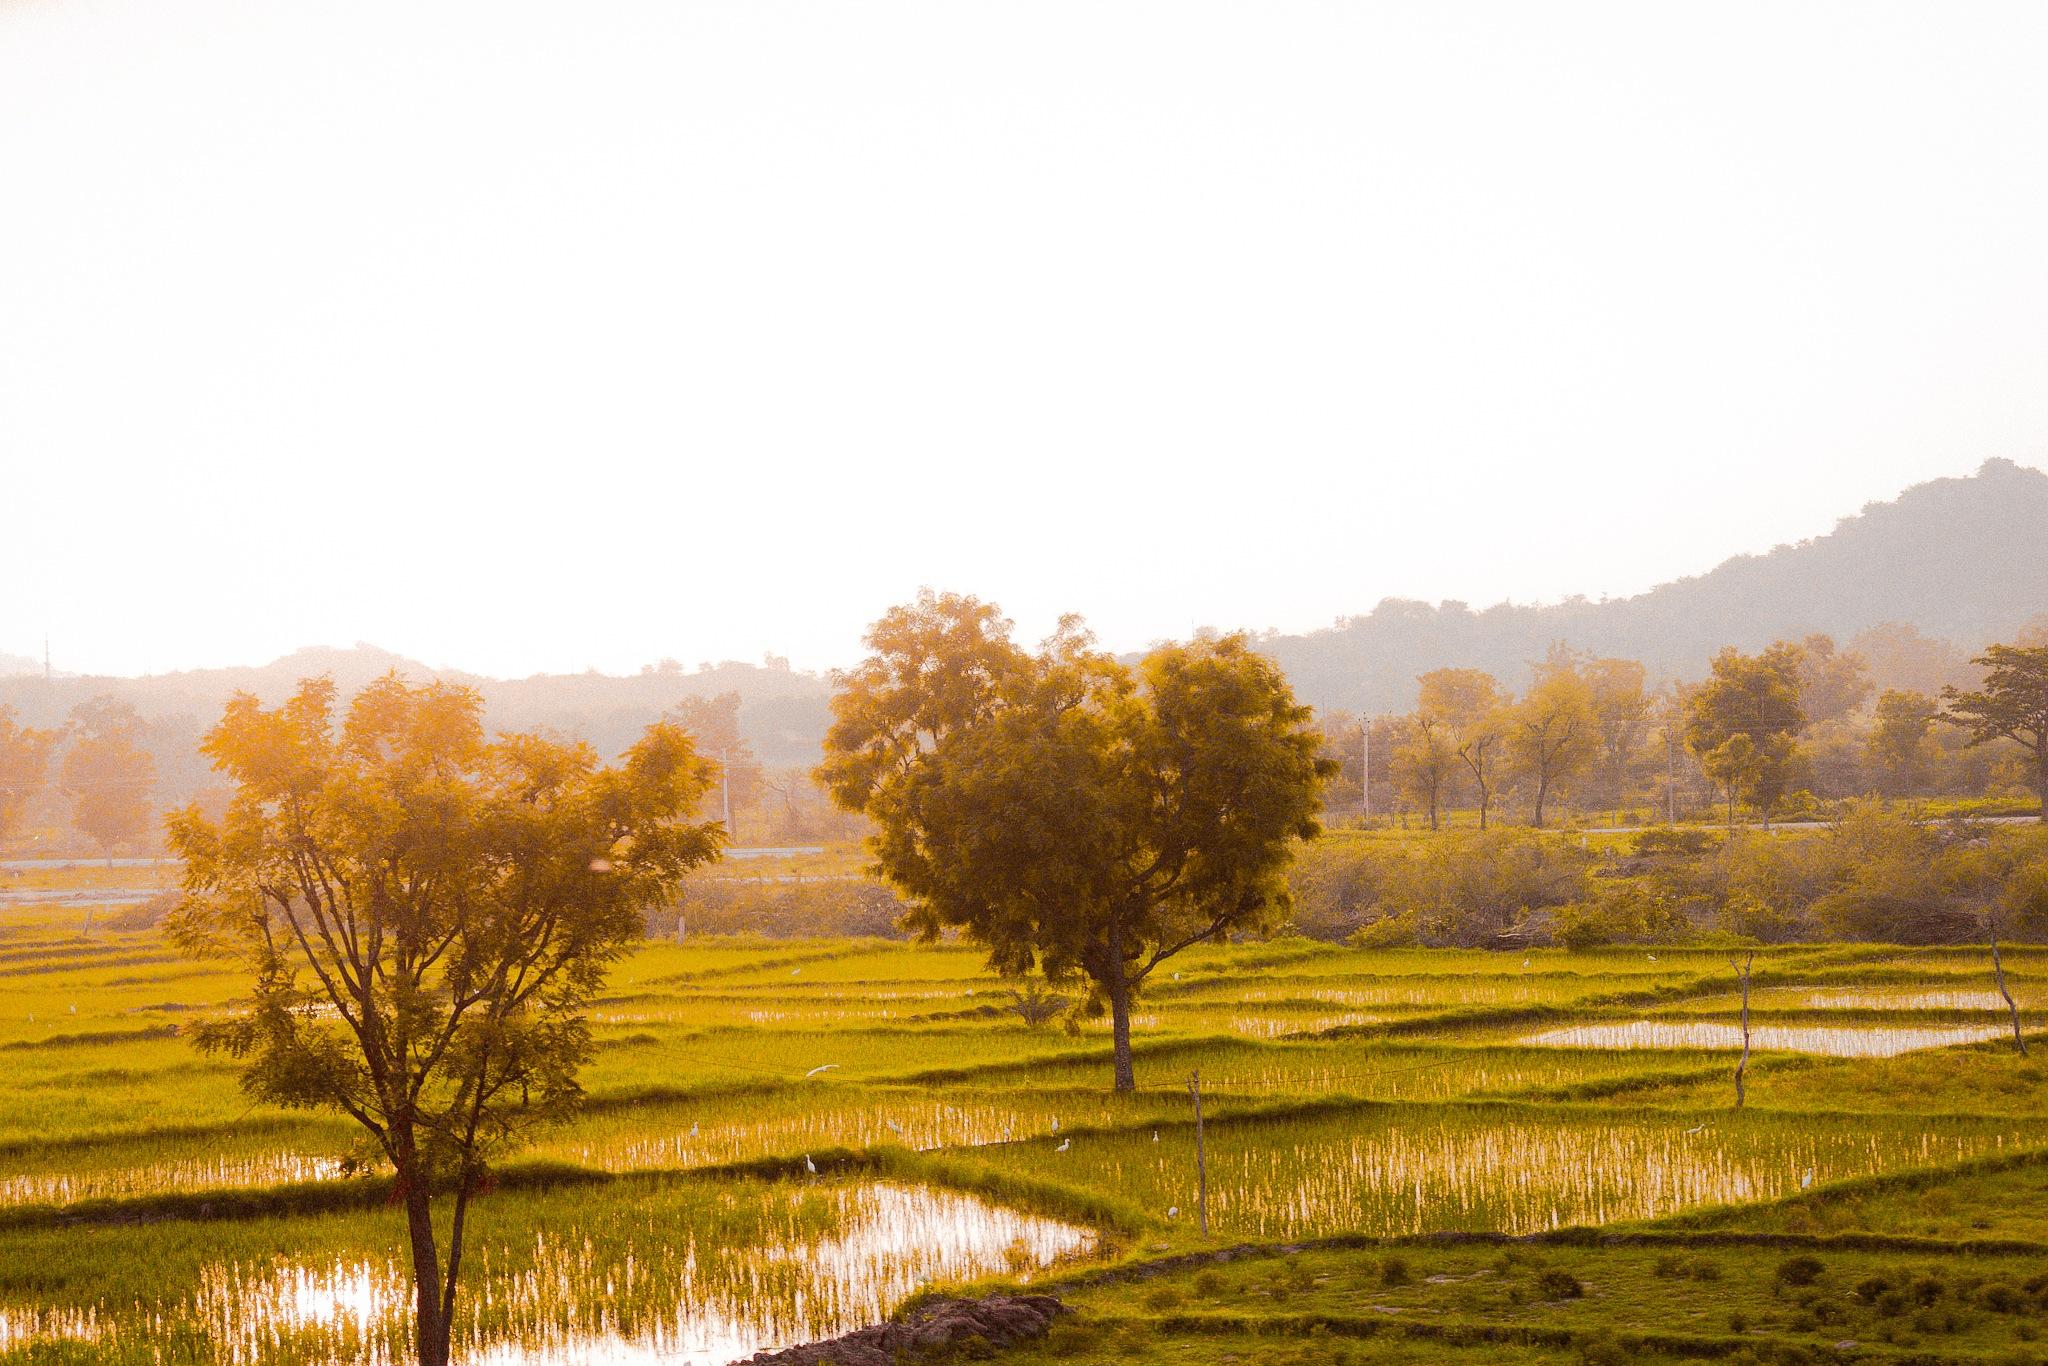 Paddy Fields by HarishKumar44